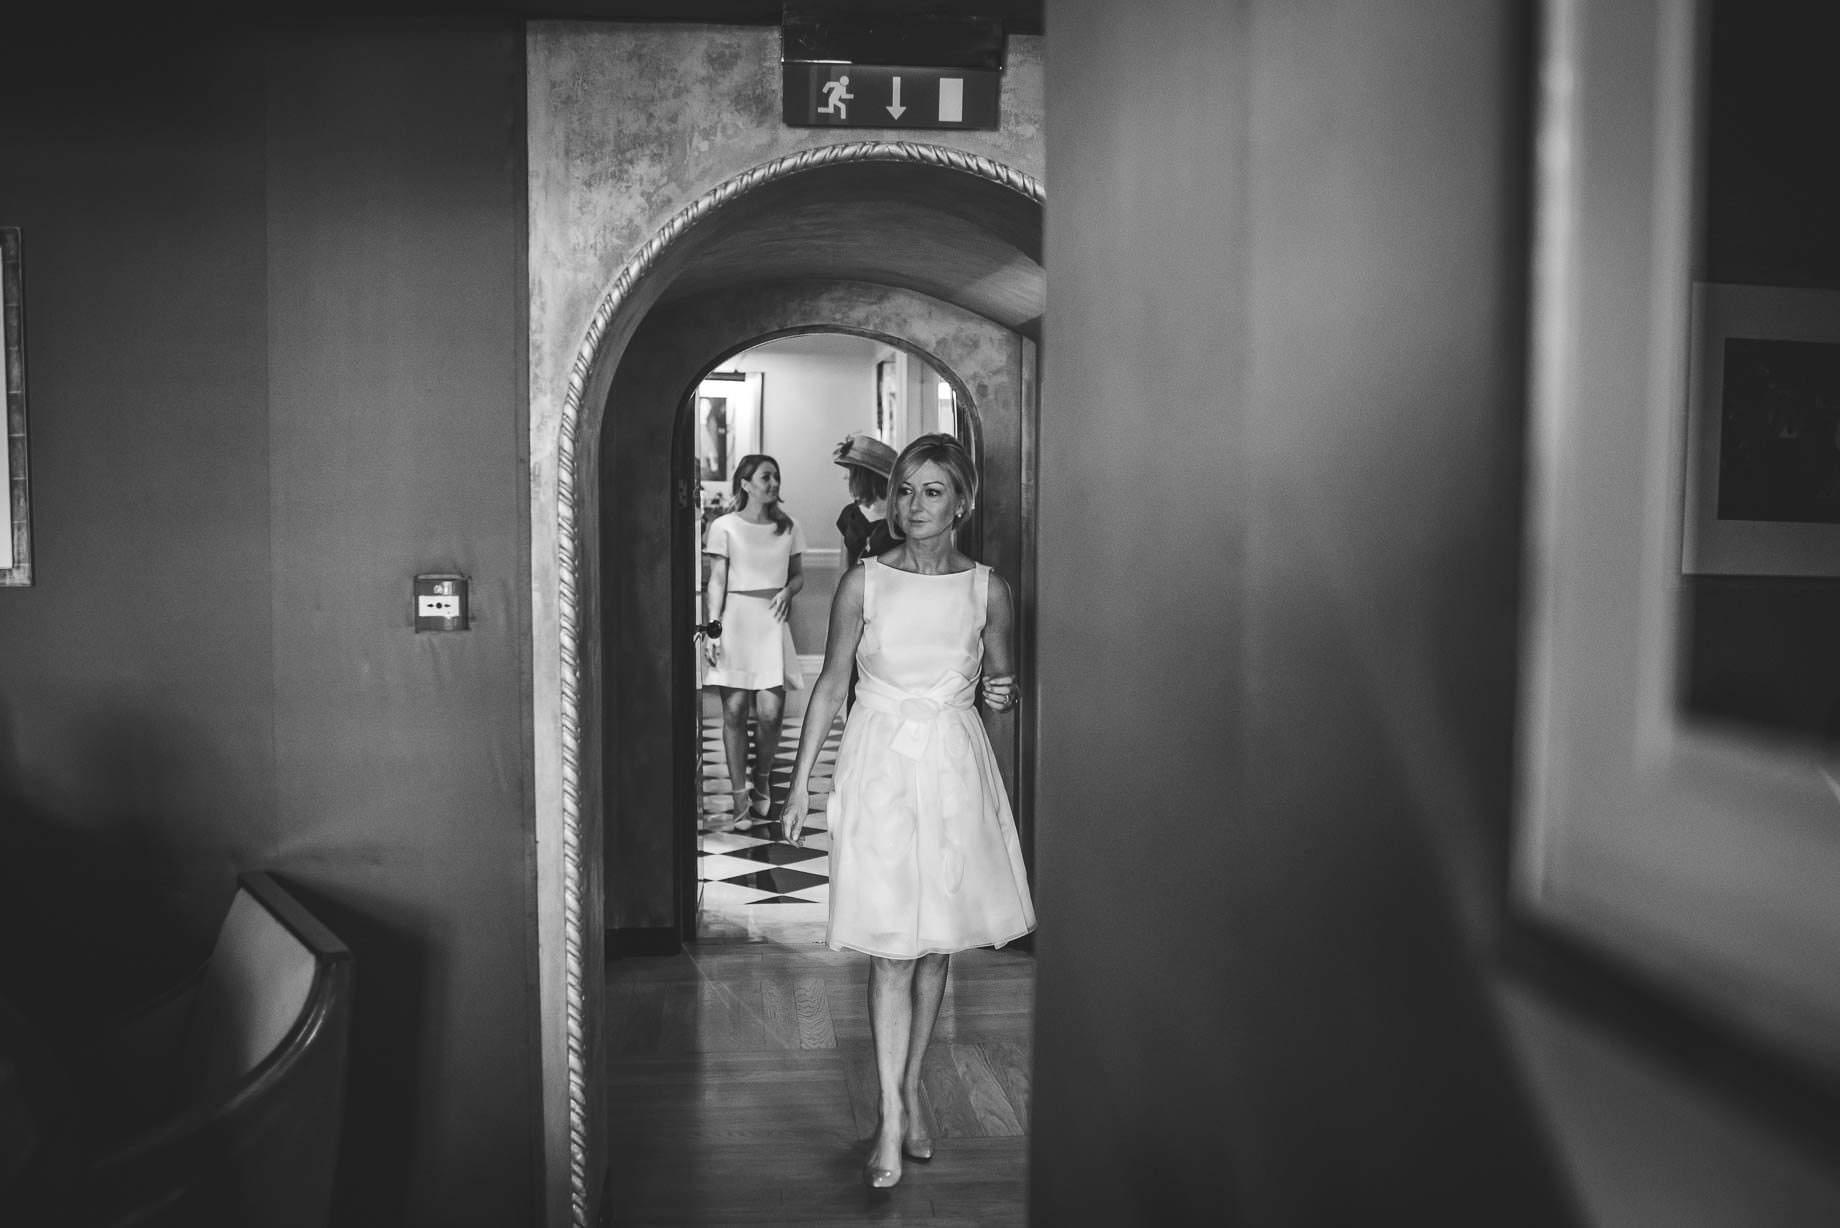 Mayfair wedding photography - Allison and Eugene (79 of 94)